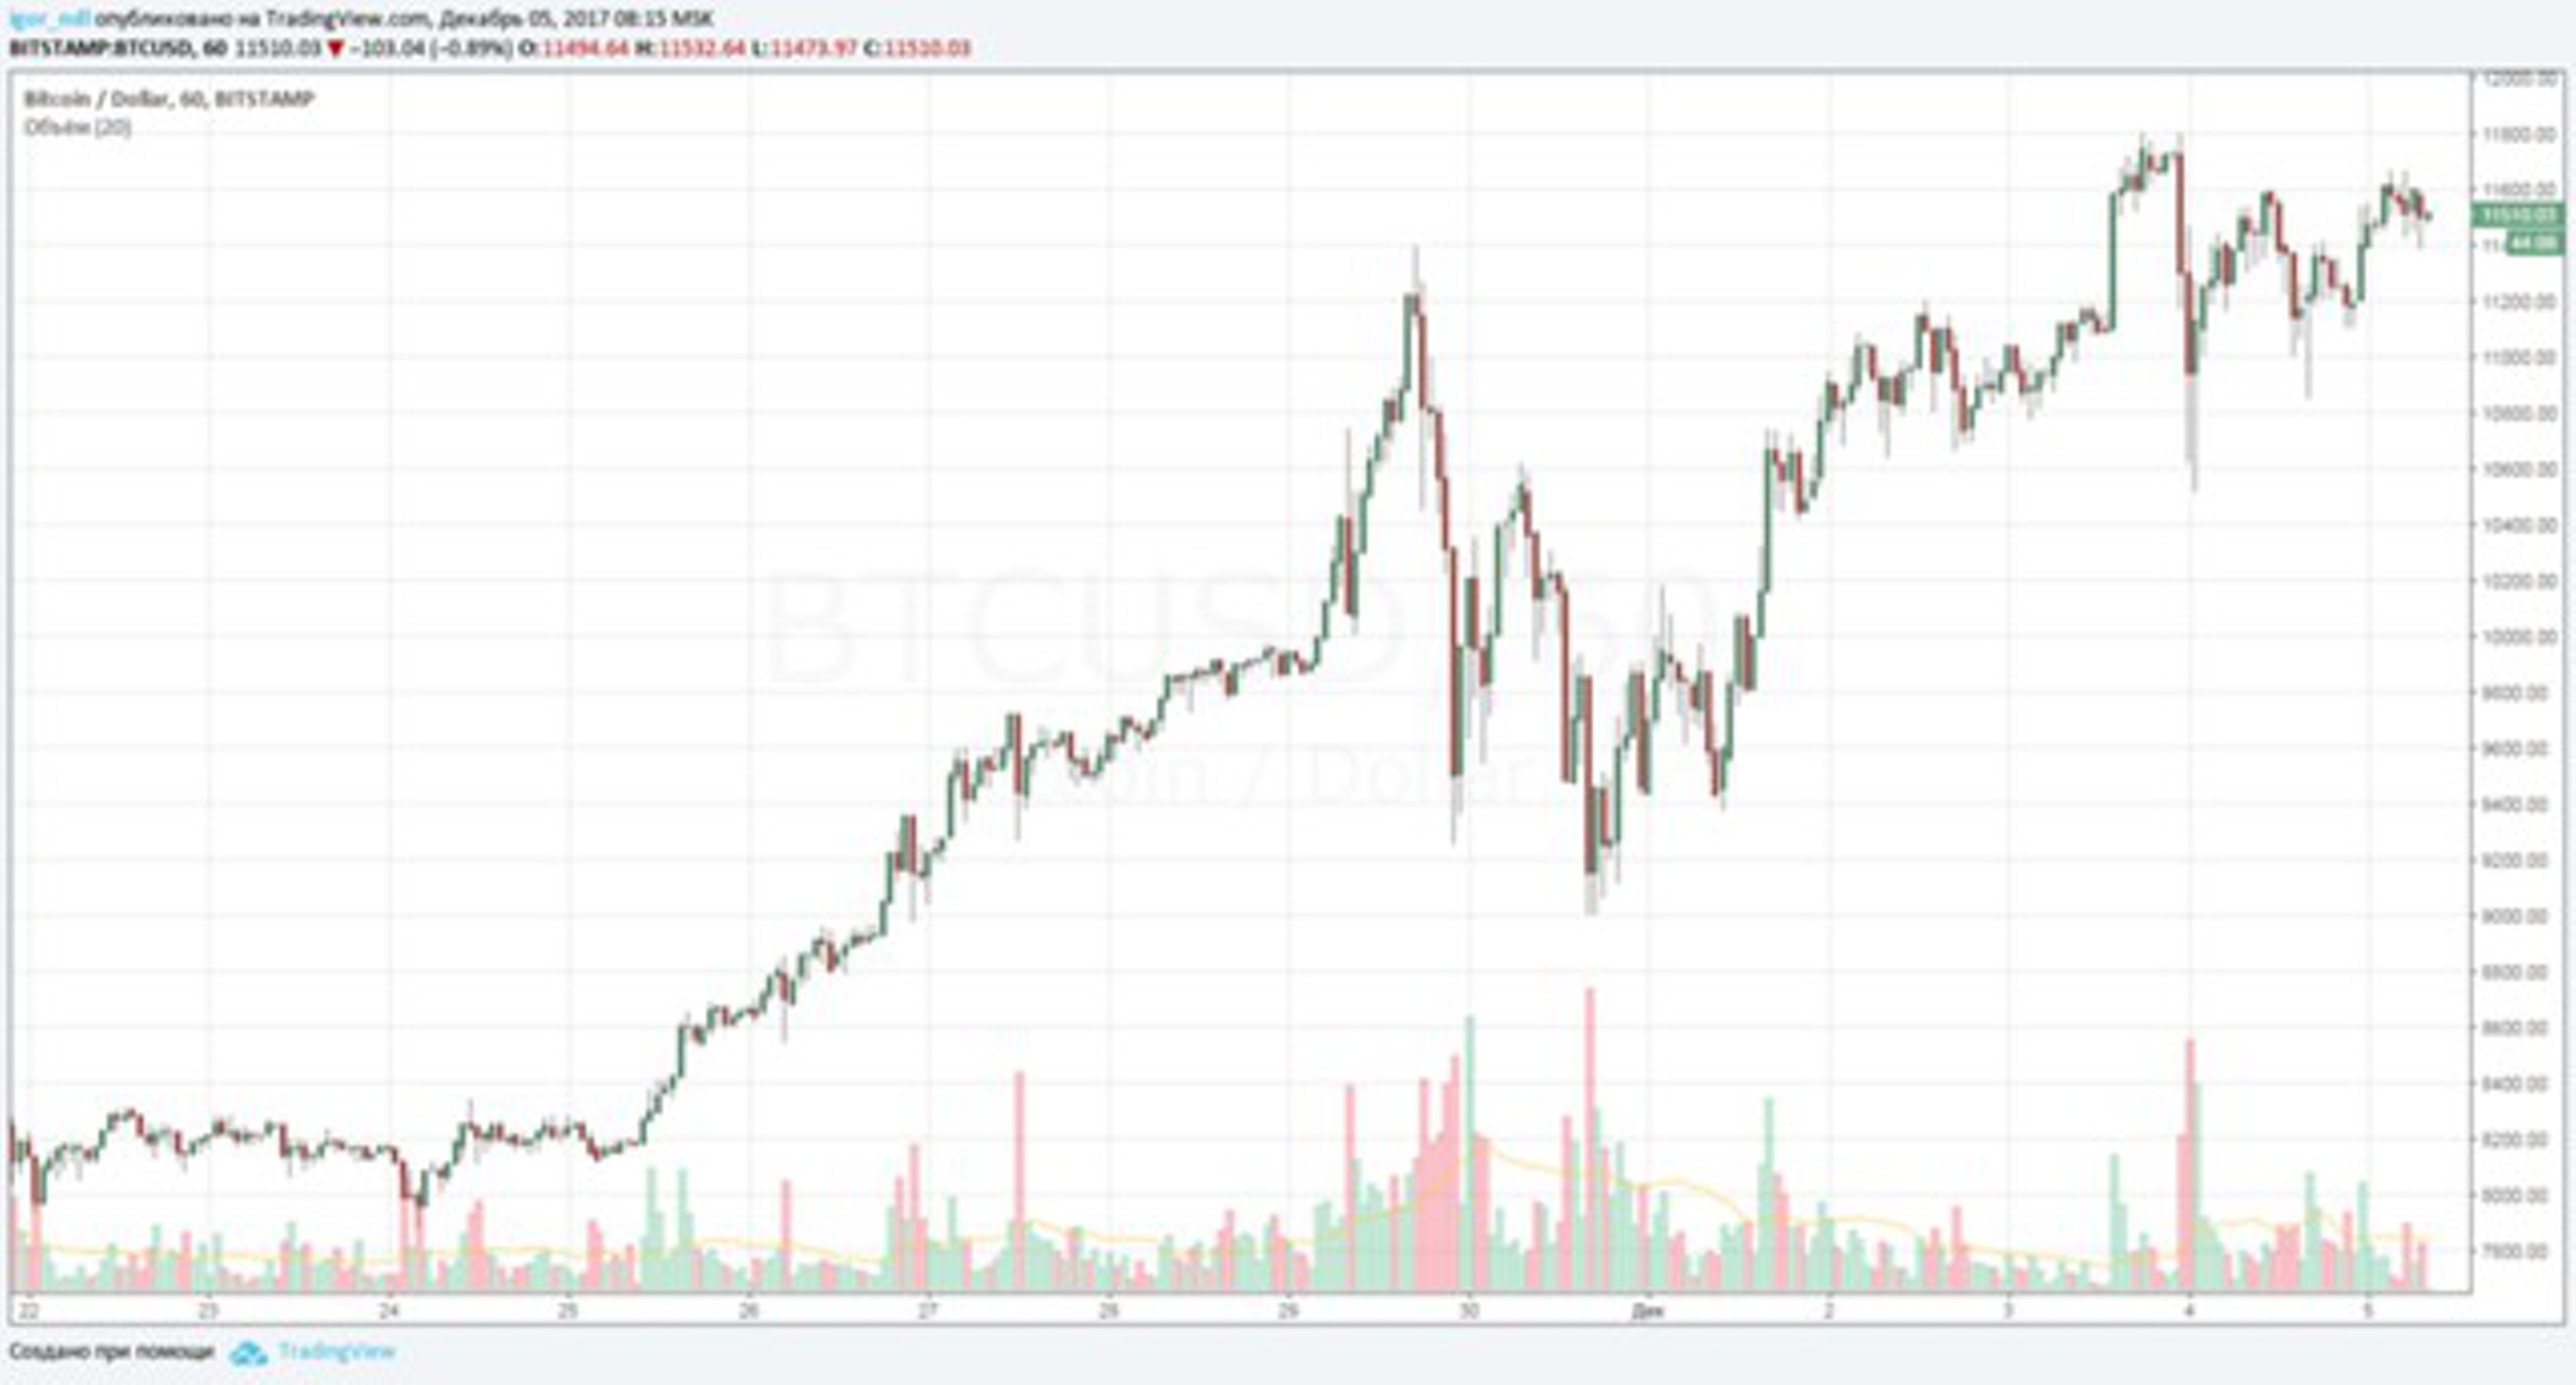 Стивен Роуч: биткоин лопнет. Как и все пузыри